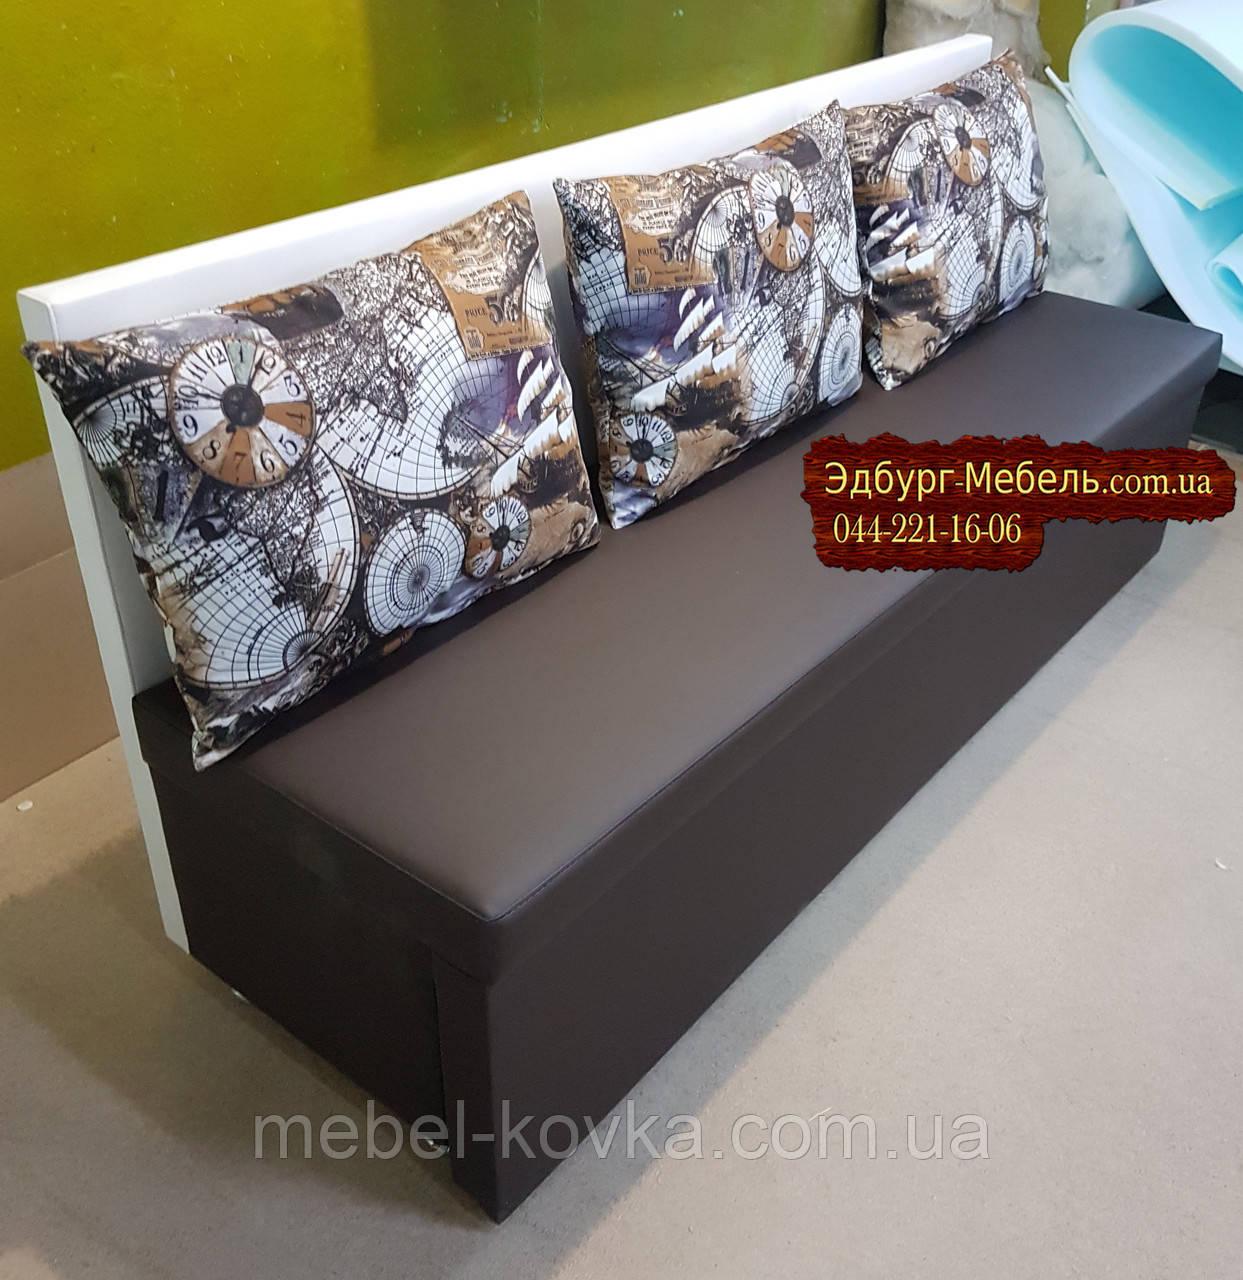 Диван для узкой кухни, коридора с ящиком + спальным местом 1800х600х800мм